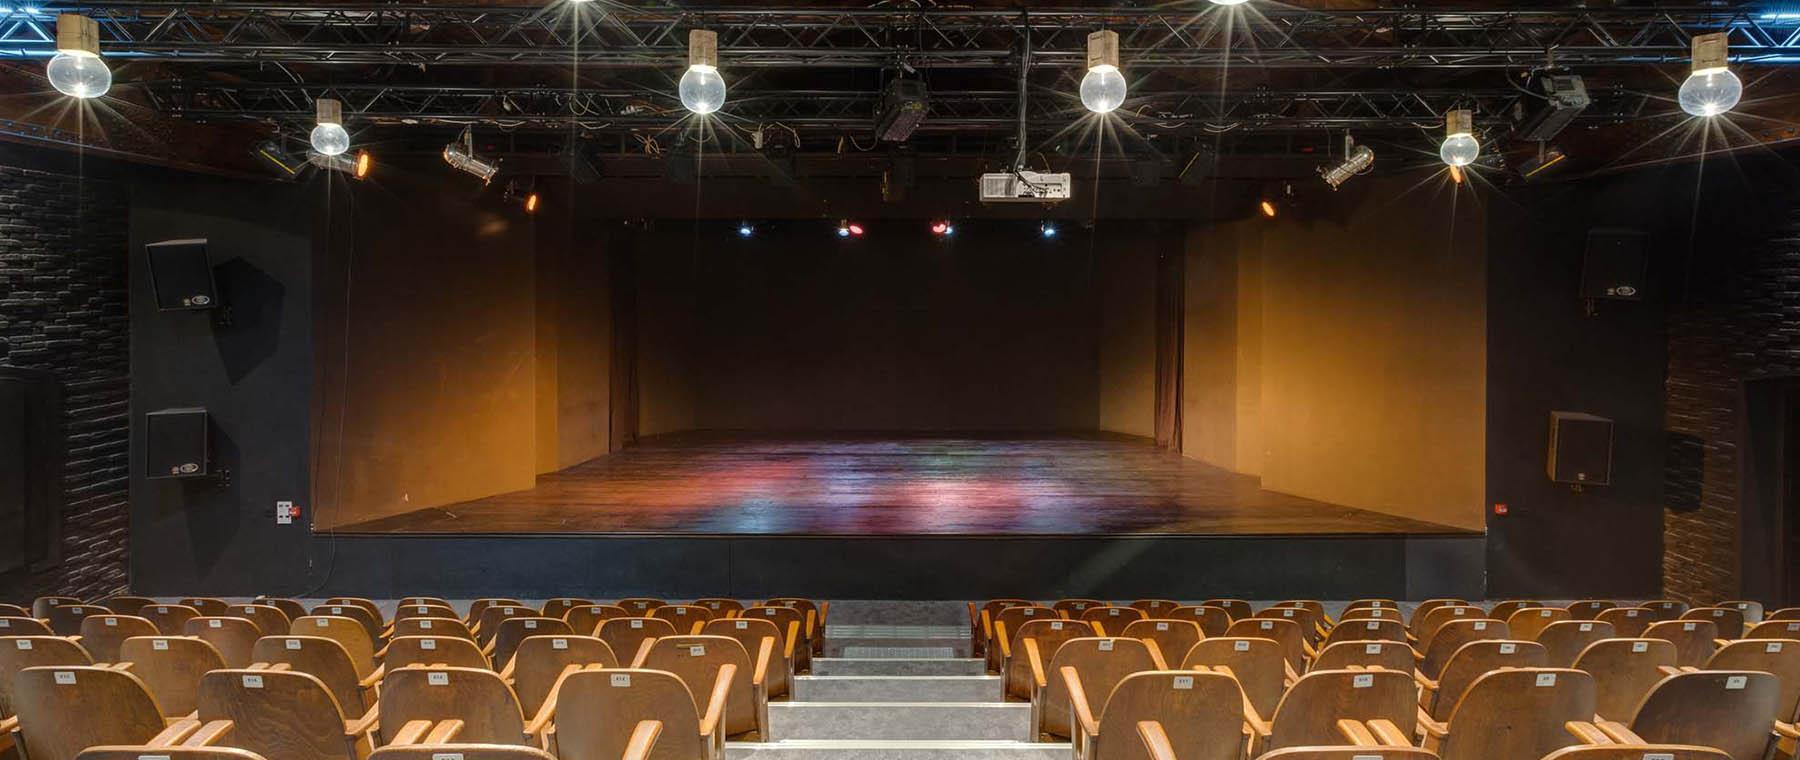 Boğaziçi Üniversitesi OFB Tiyatro Salonu